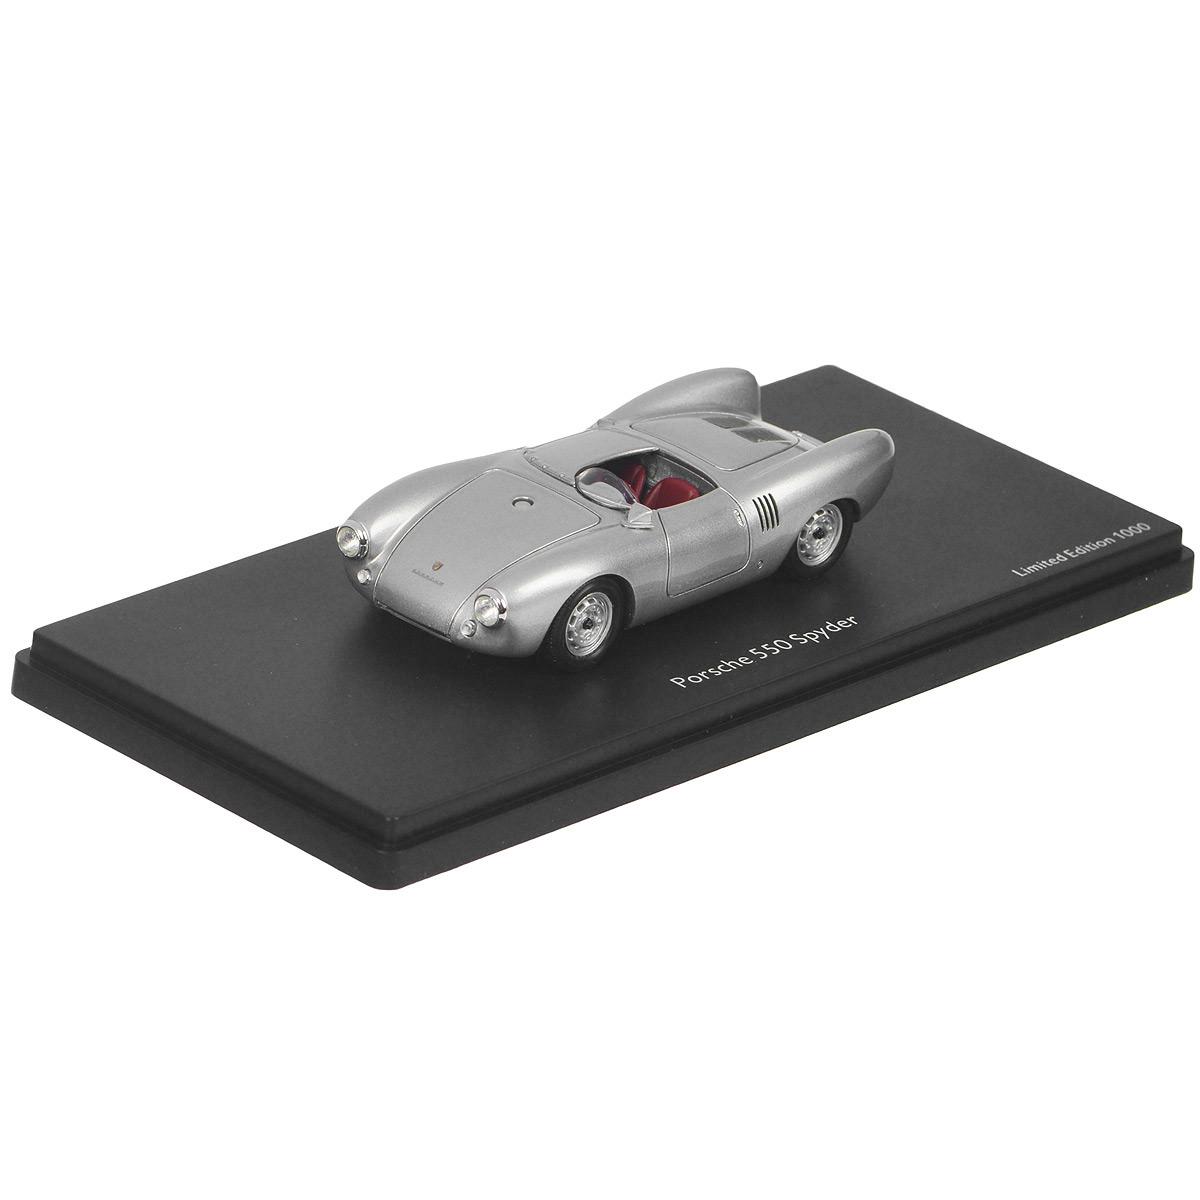 Schuco Коллекционная модель Автомобиль Porsche 550 Spyder, цвет: серебристый450886800Стильная коллекционная модель Schuco Автомобиль Porsche 550 Spyder является точной уменьшенной копией автомобиля компании Porsche. Корпус выполнен из пластика, прорезиненные колеса крутятся. Поставляется со стильной подставкой из пластика черного цвета. Такая модель станет отличным подарком не только любителю автомобилей, но и человеку, ценящему оригинальность и изысканность, а качество исполнения представит такой подарок в самом лучшем свете.